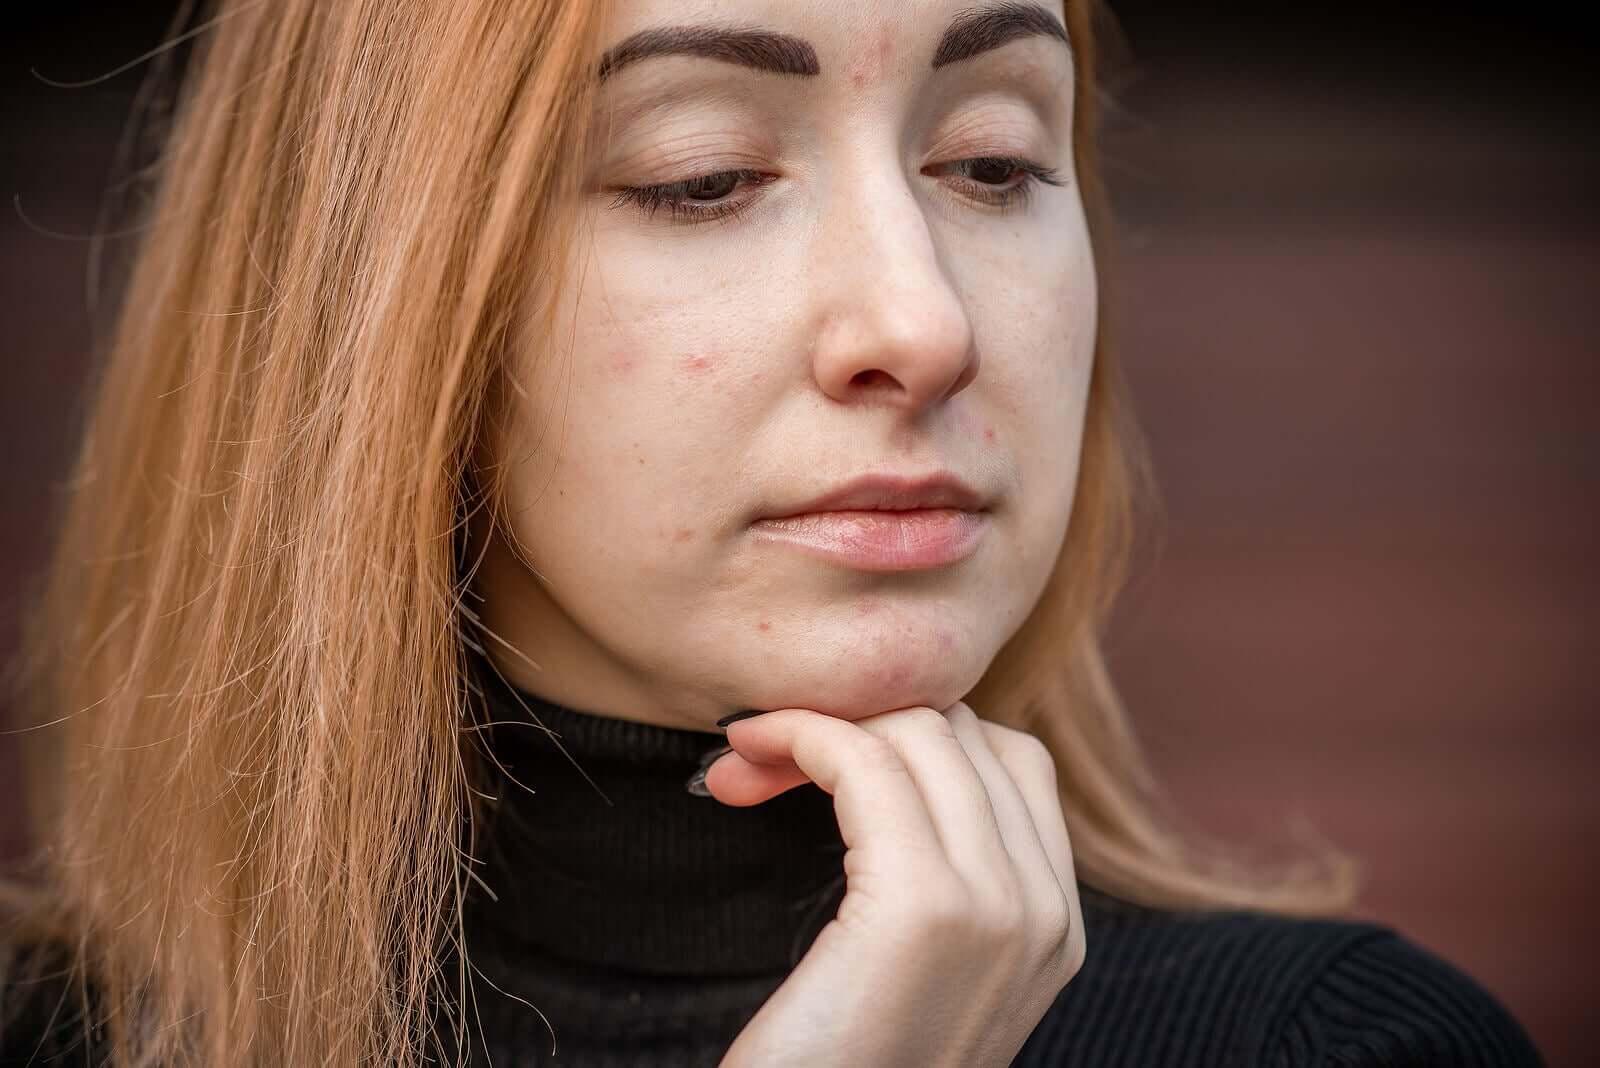 Une femme souffrant d'acné juvénile.